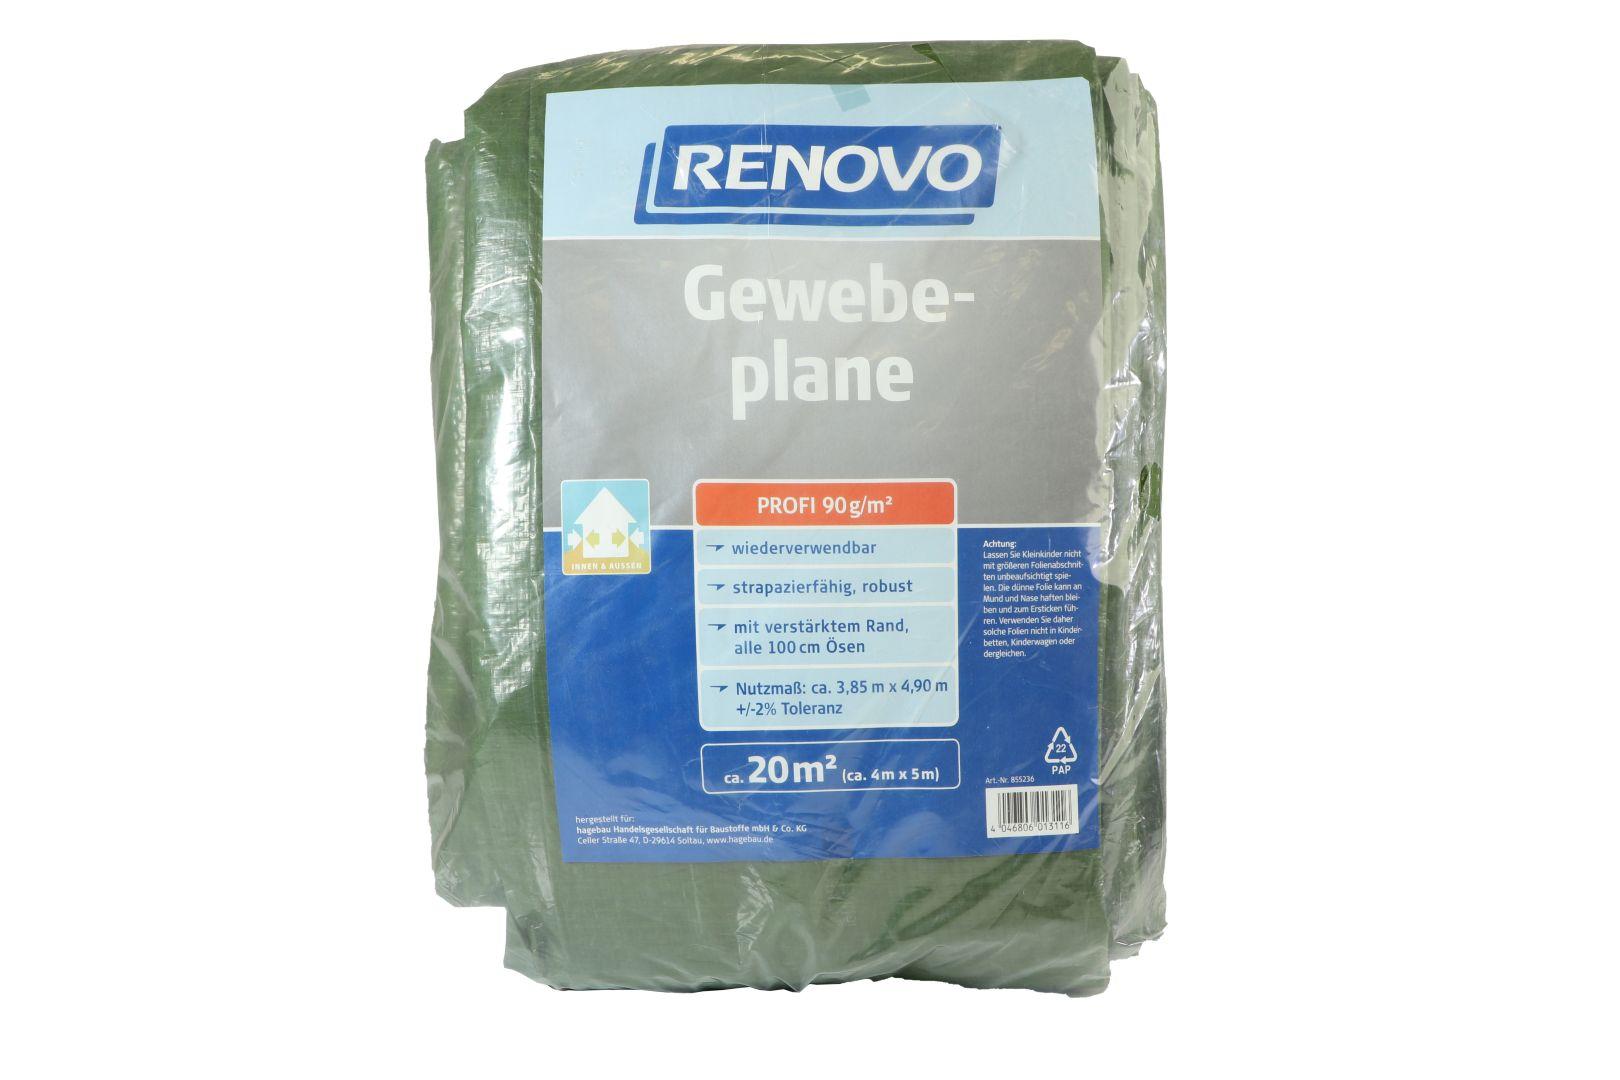 RENOVO Gewebeplane Profi, grün, mit Ösen, 5 x 4 m